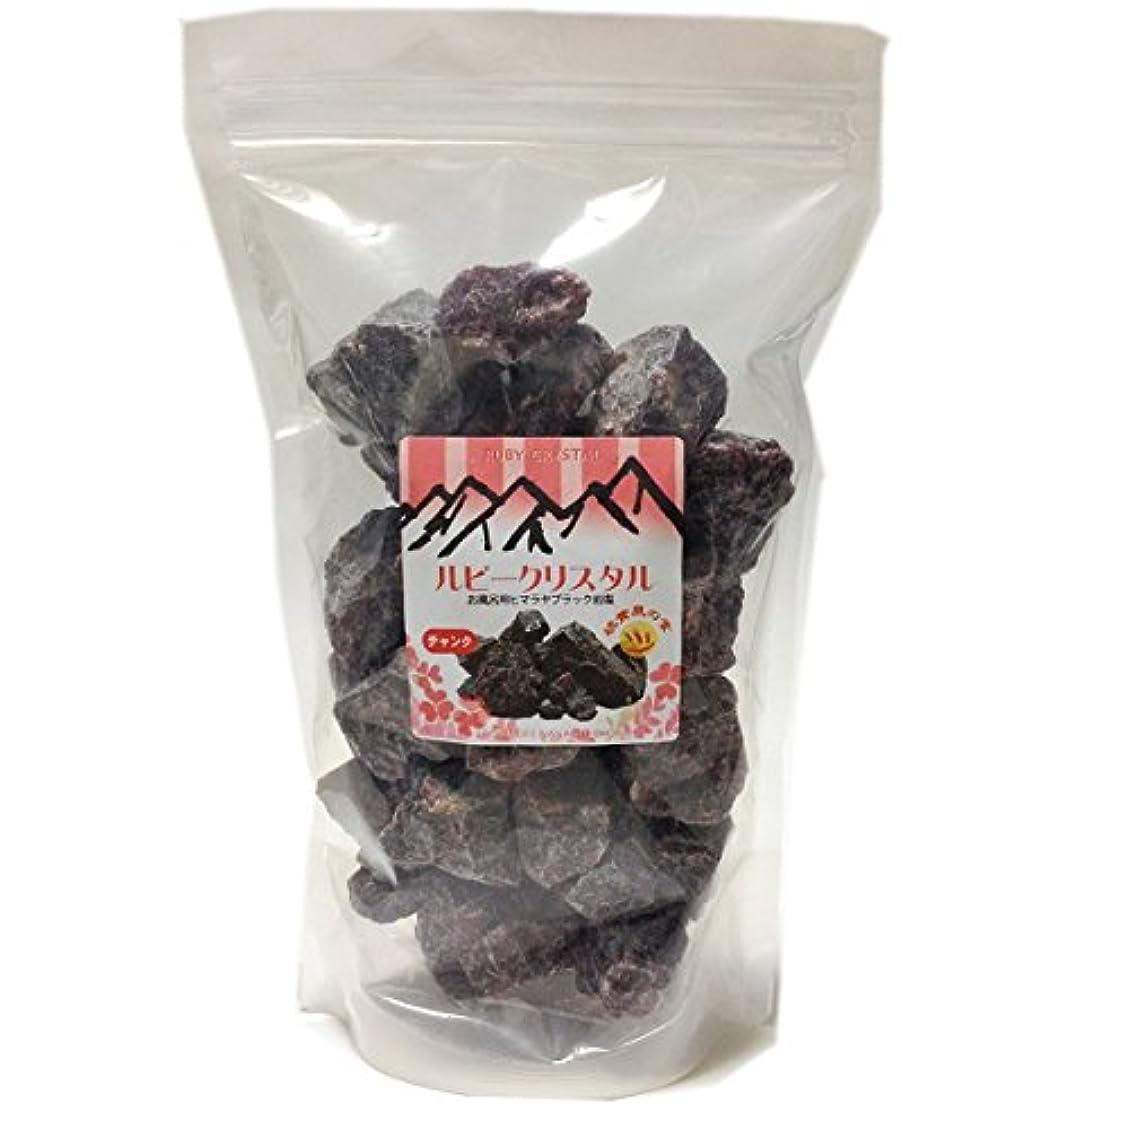 私たちのテラス避けるヒマラヤ岩塩 ルビークリスタル 硫黄泉?ブラックソルト 1Kg